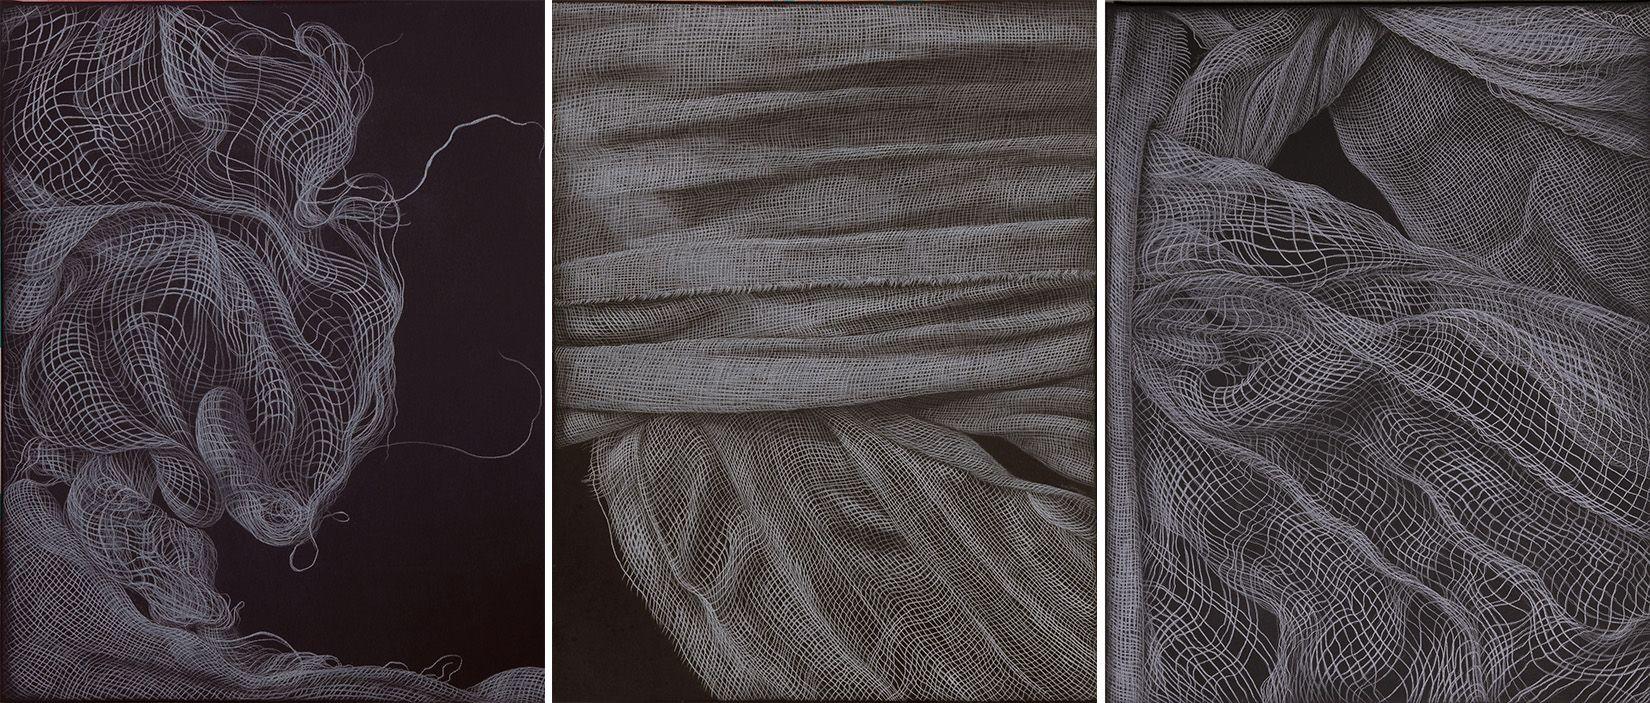 Adeel uz Zafar - Intermittent (triptych)